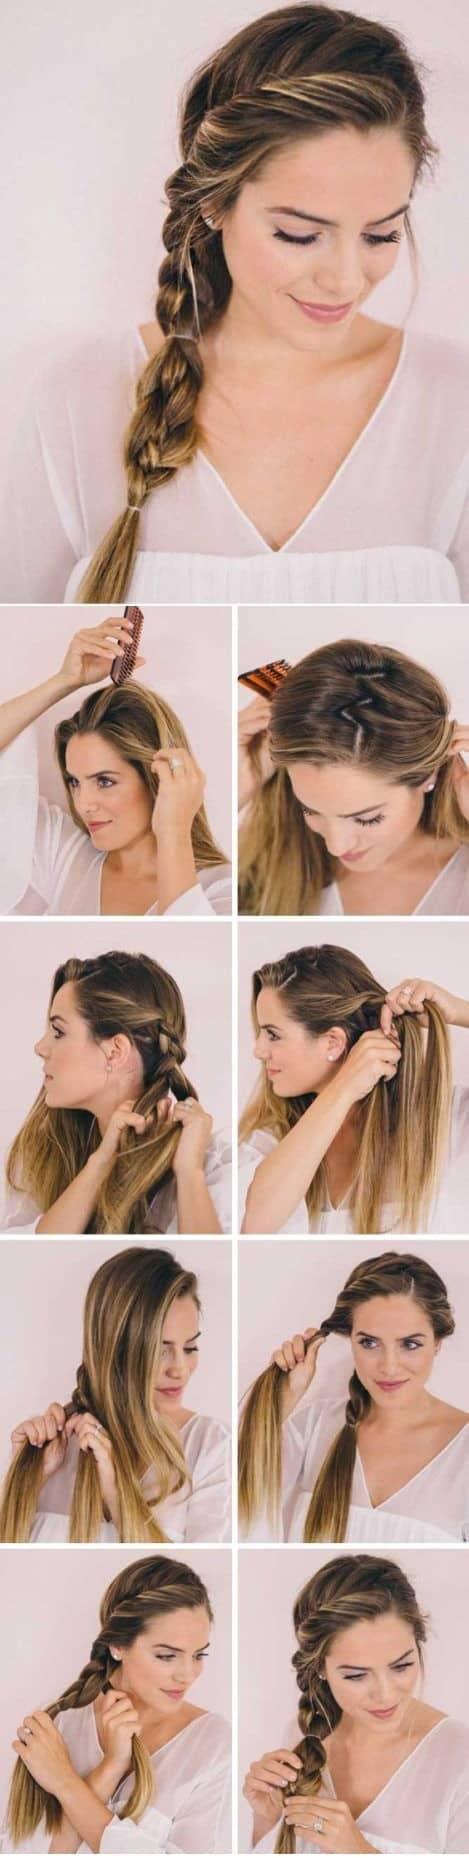 Peinados simples en pelo largo